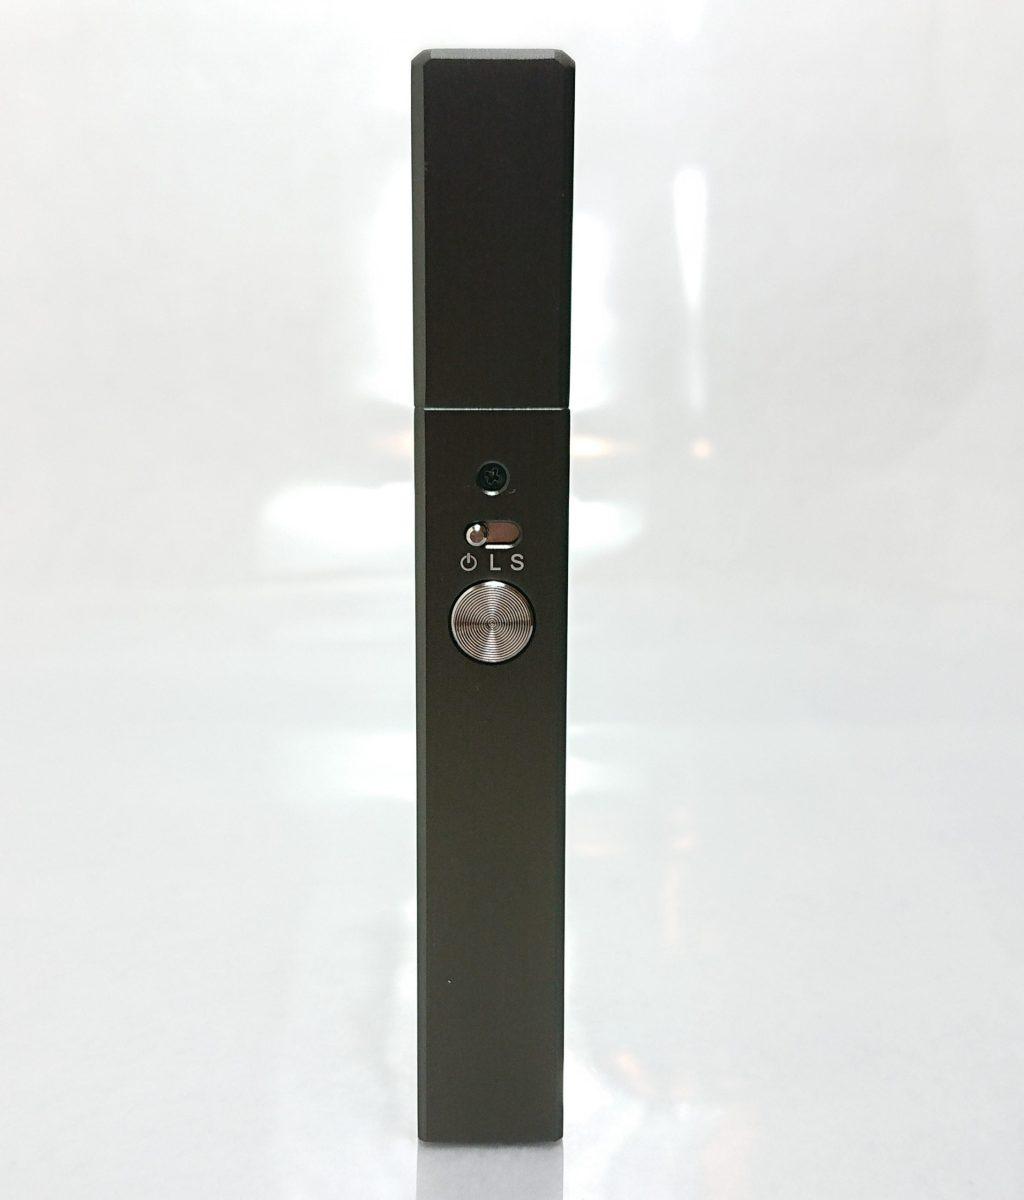 DSC 0999 scaled - TARLESSPLUS(ターレスプラス)に新色『ガンメタルブラック』が登場!~渋めのいぶし銀カラー~